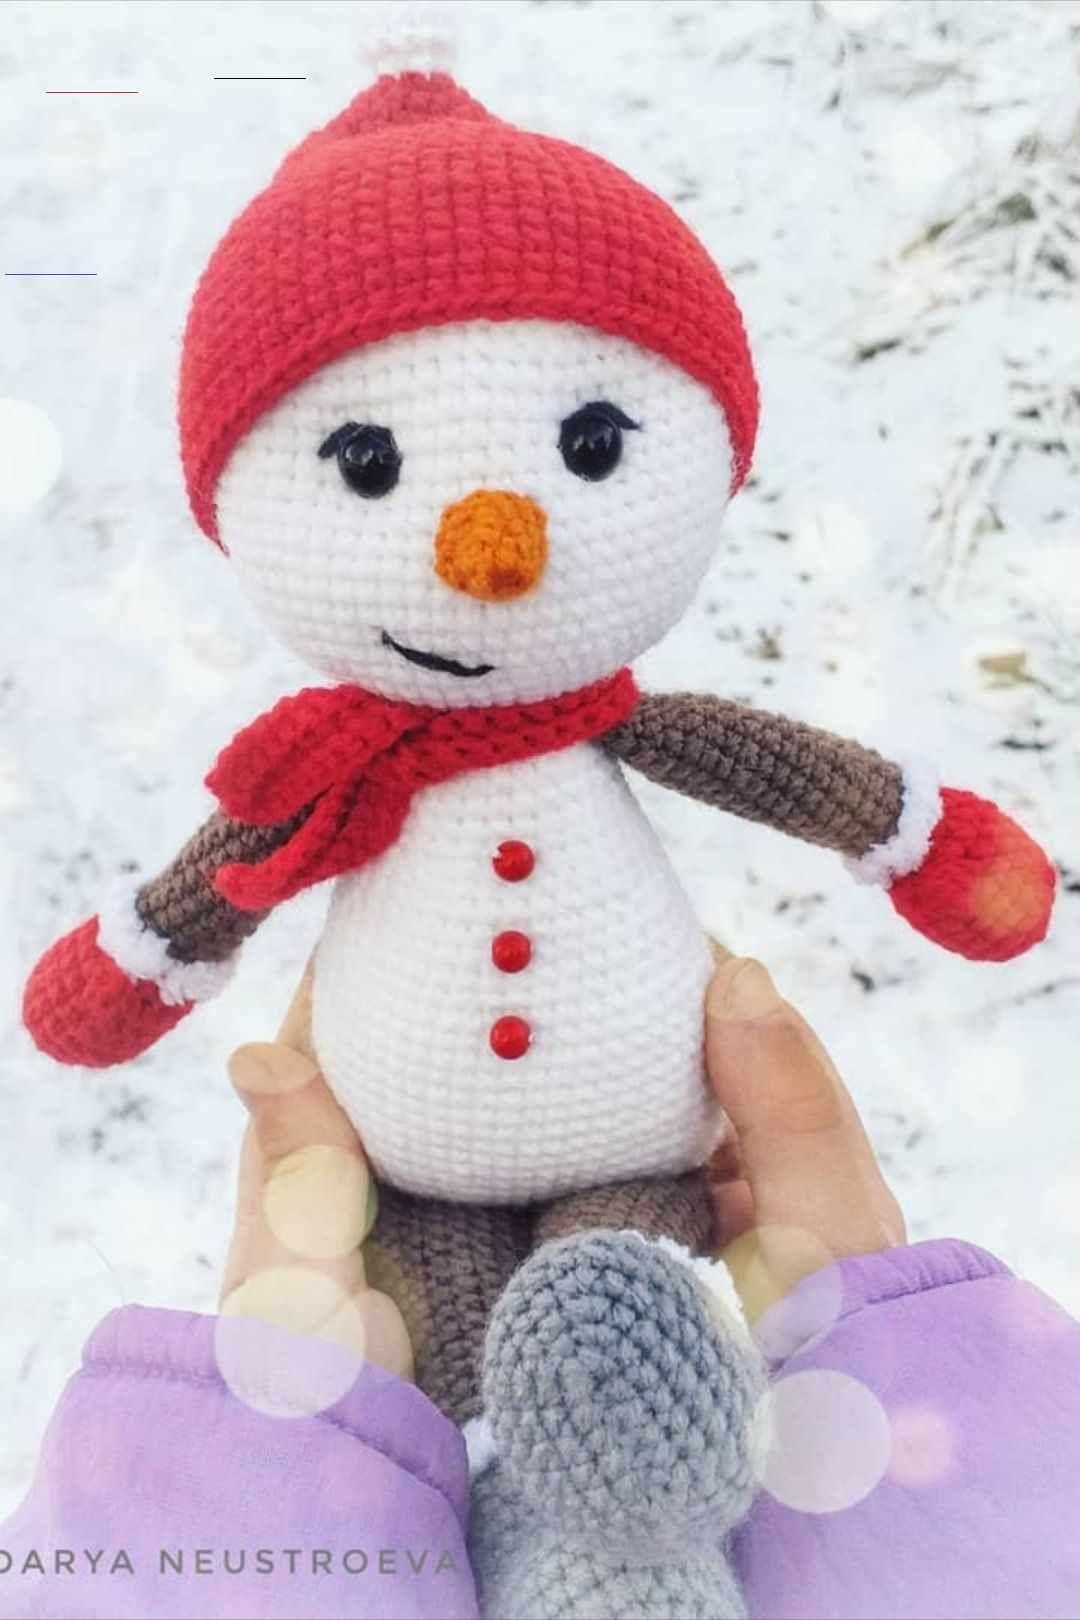 Free Amigurumi Snowman Pattern Snowmanpatterns Here Is A Christmas Snowman Crochet Pattern In 2020 Schneemann Muster Schneemann Hakeln Weihnachtliche Hakelmuster